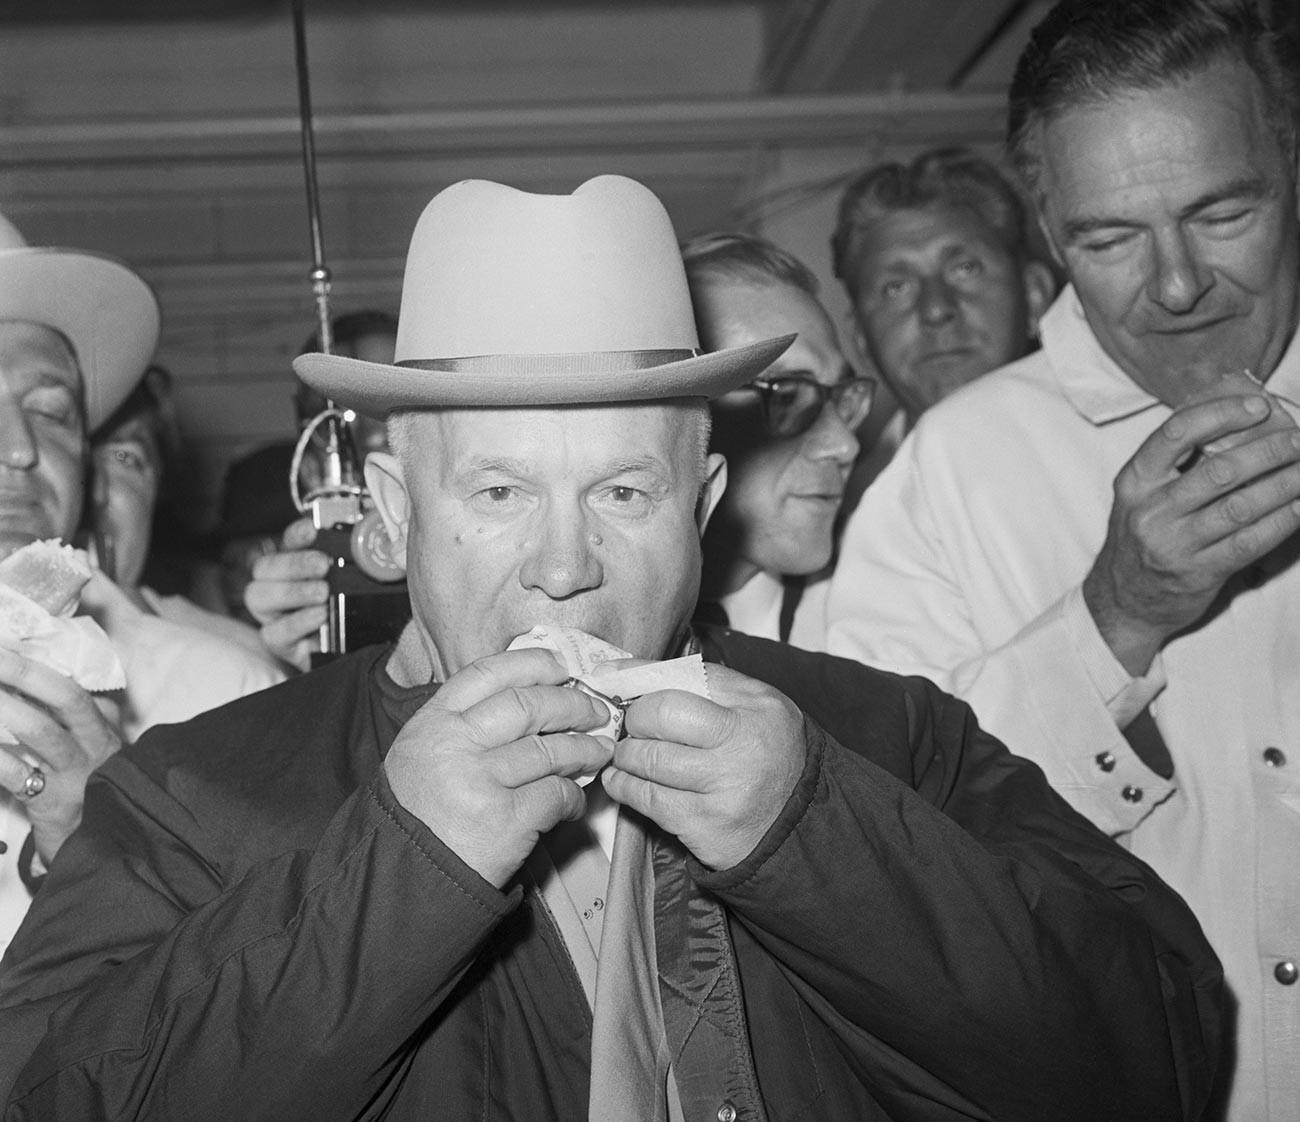 Nikita Hruščov prvi put proba američki hot dog sa senfom. Kada je pojeo sve, pitali su ga što misli, a on je odgovorio: